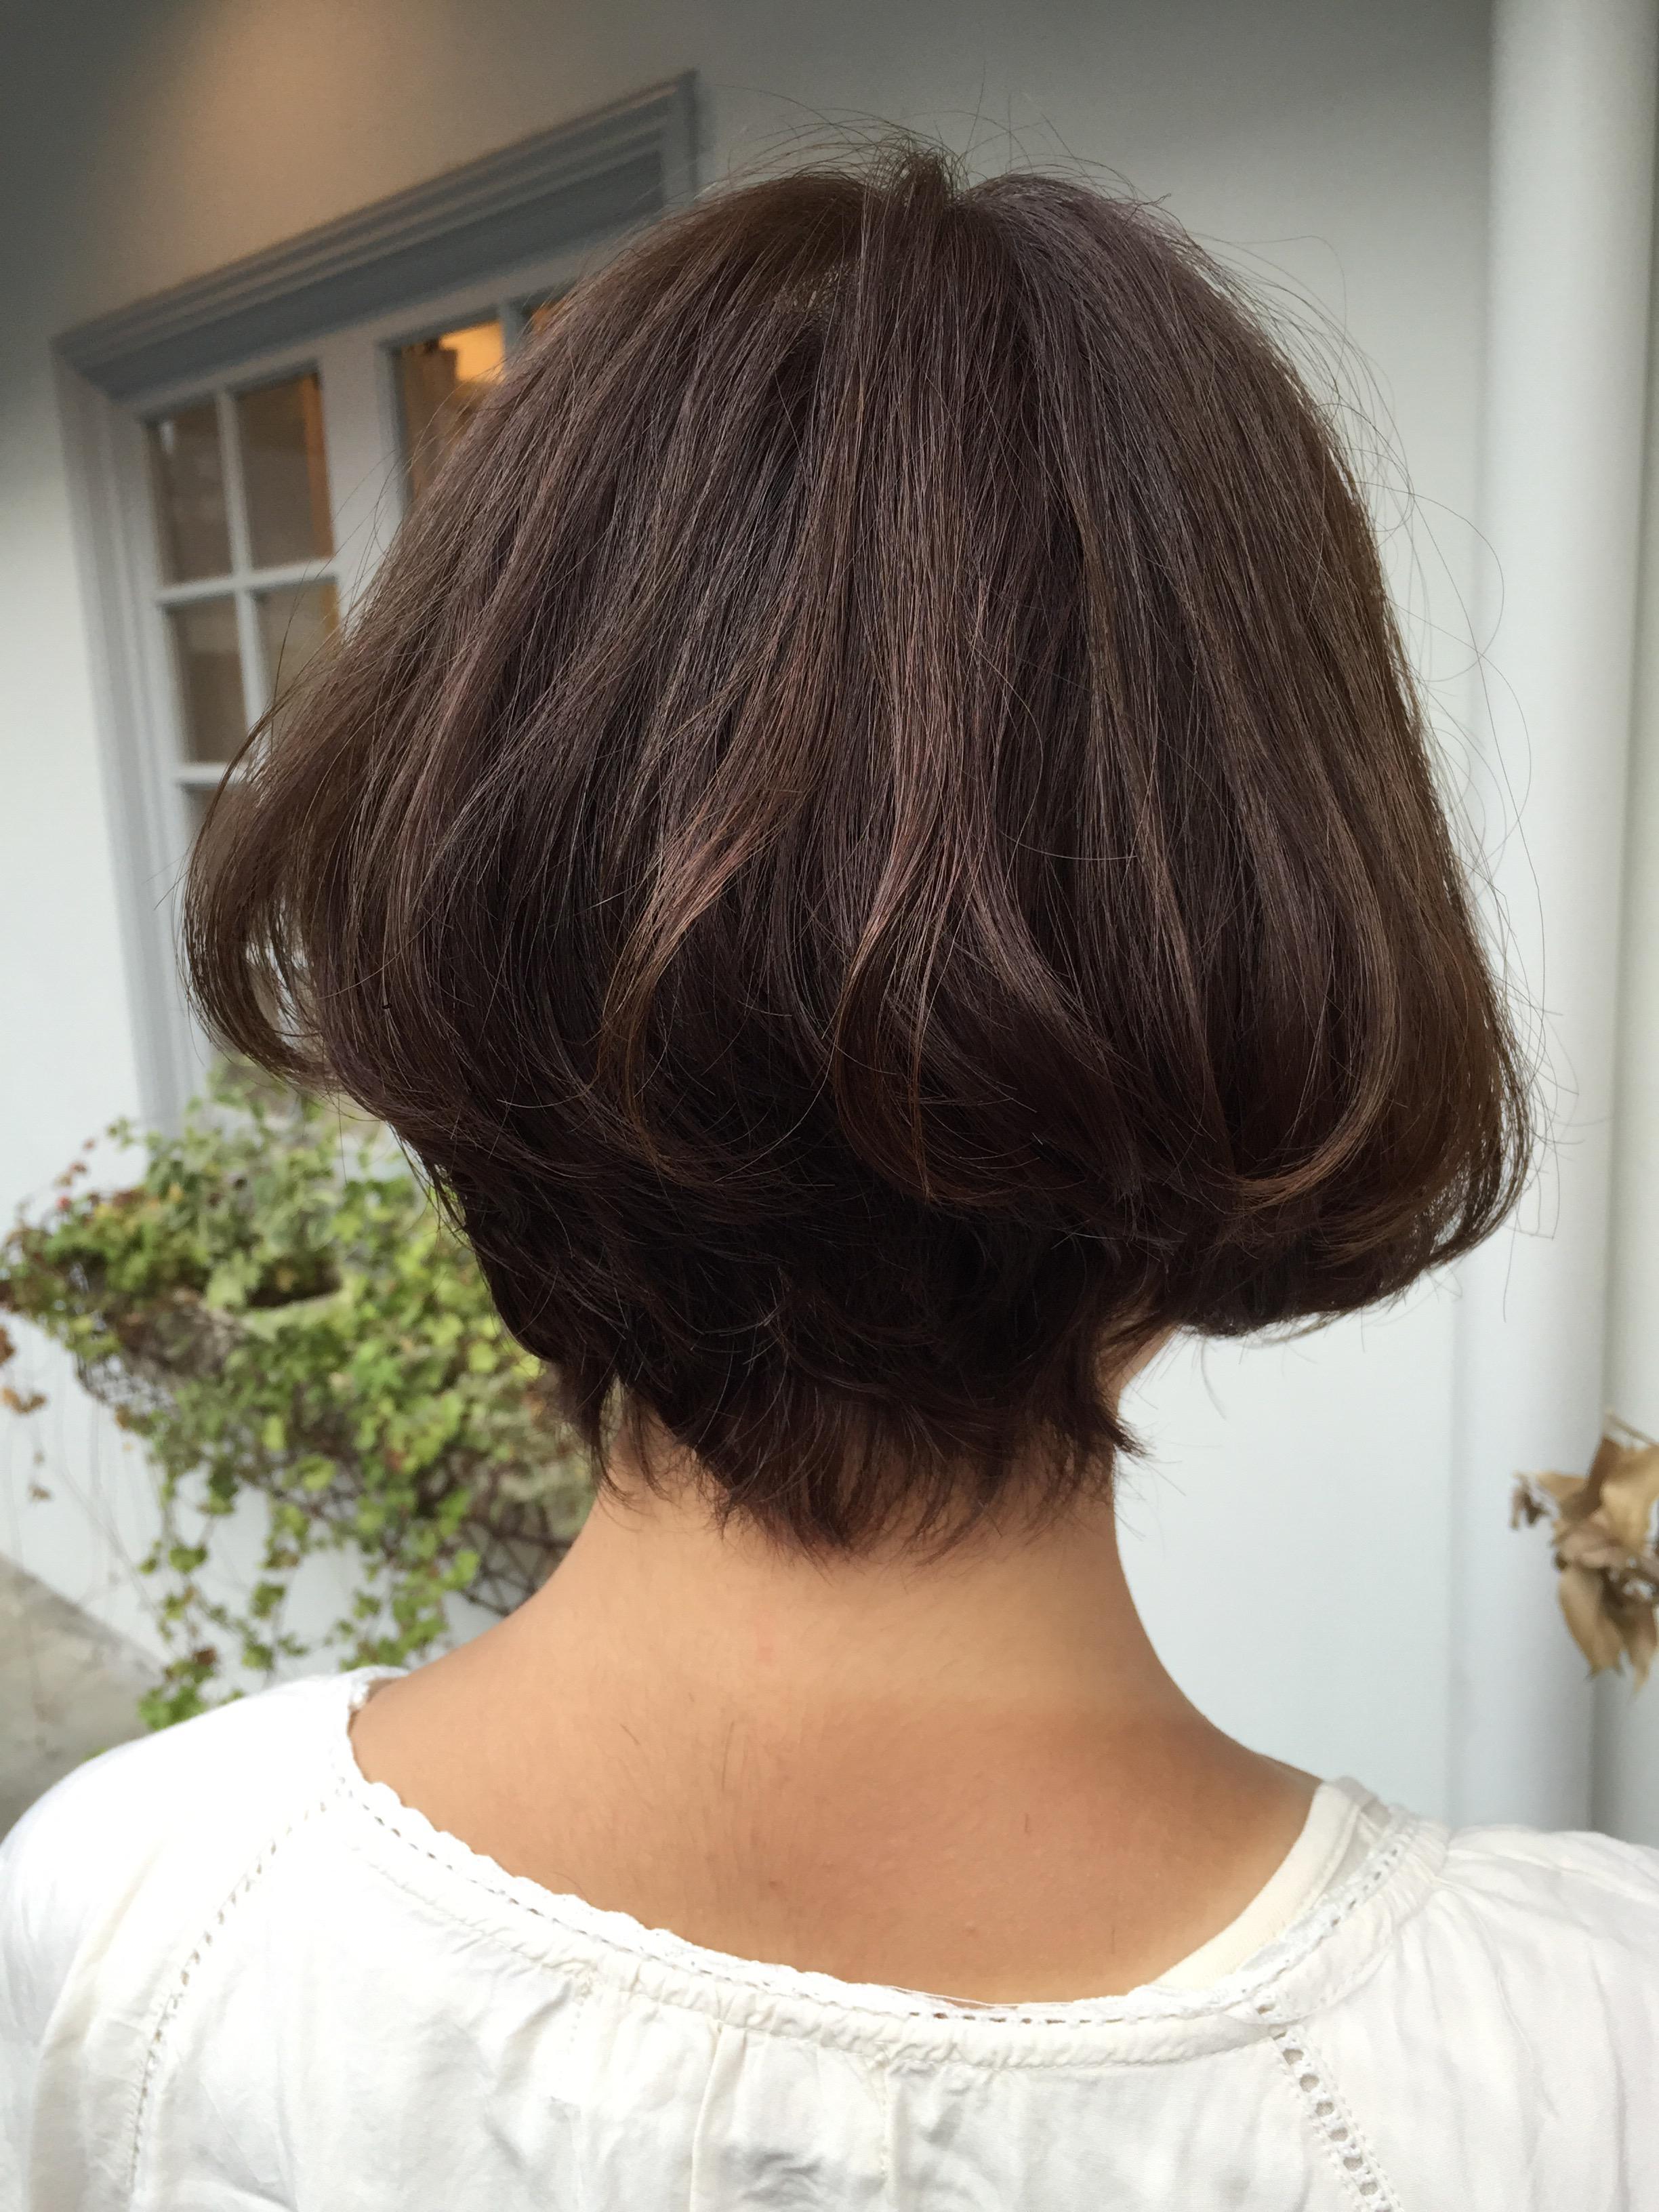 結婚式後の髪型切ろうかどうしようか悩んでいる方へのブログ♪